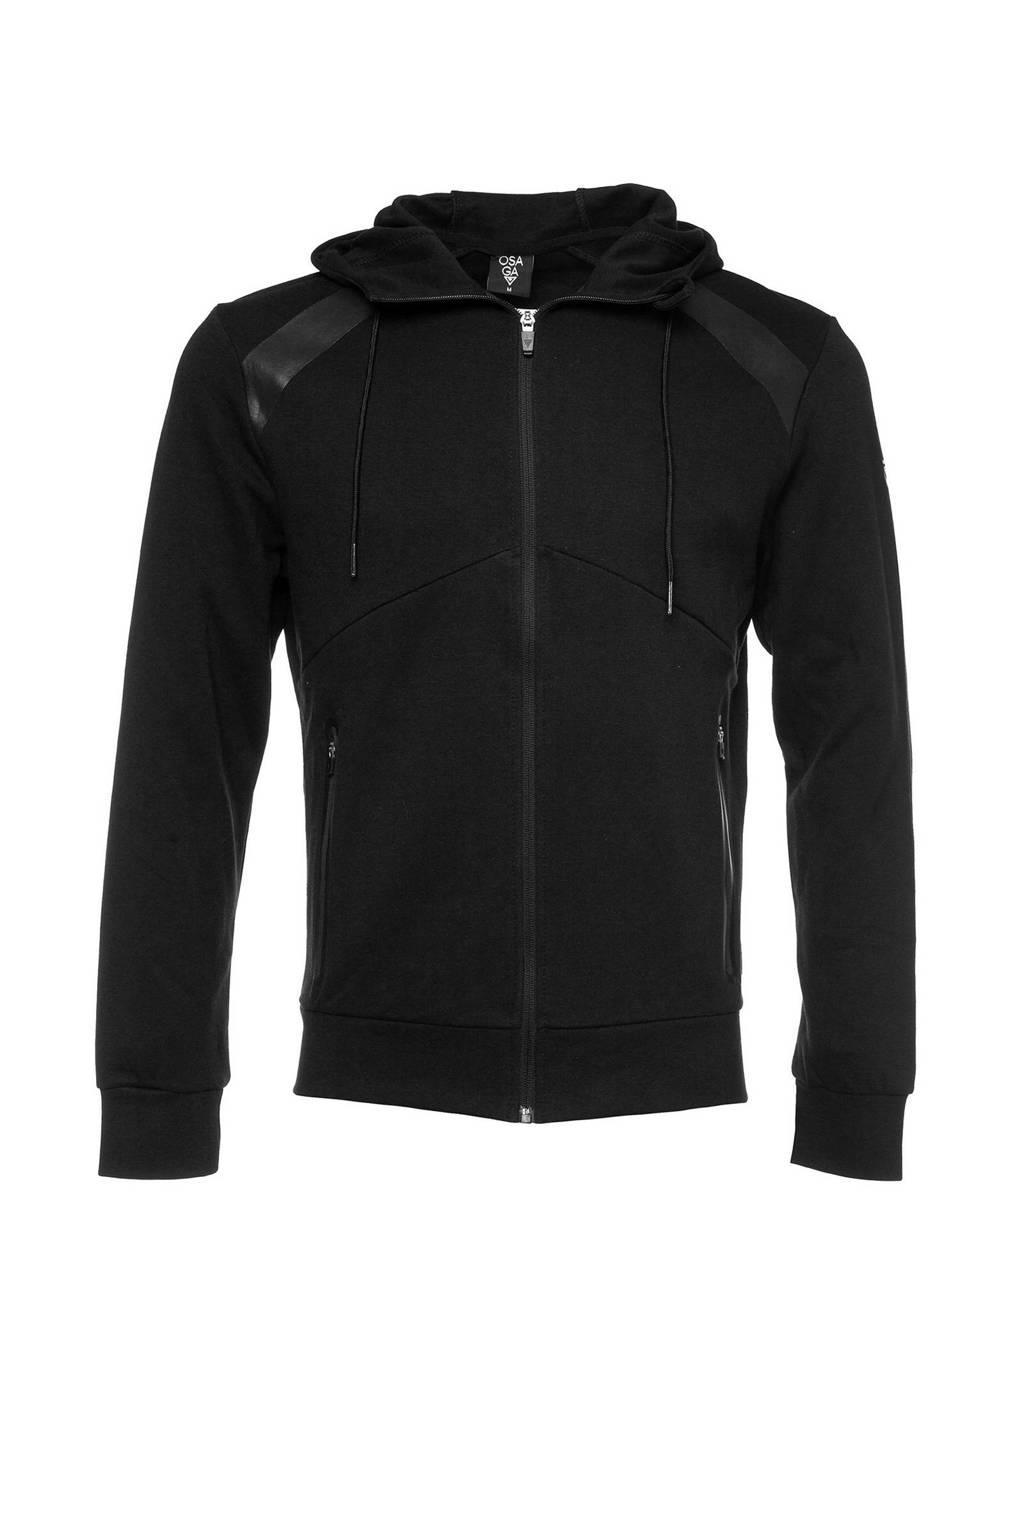 Scapino Osaga   sportvest zwart, Zwart/grijs